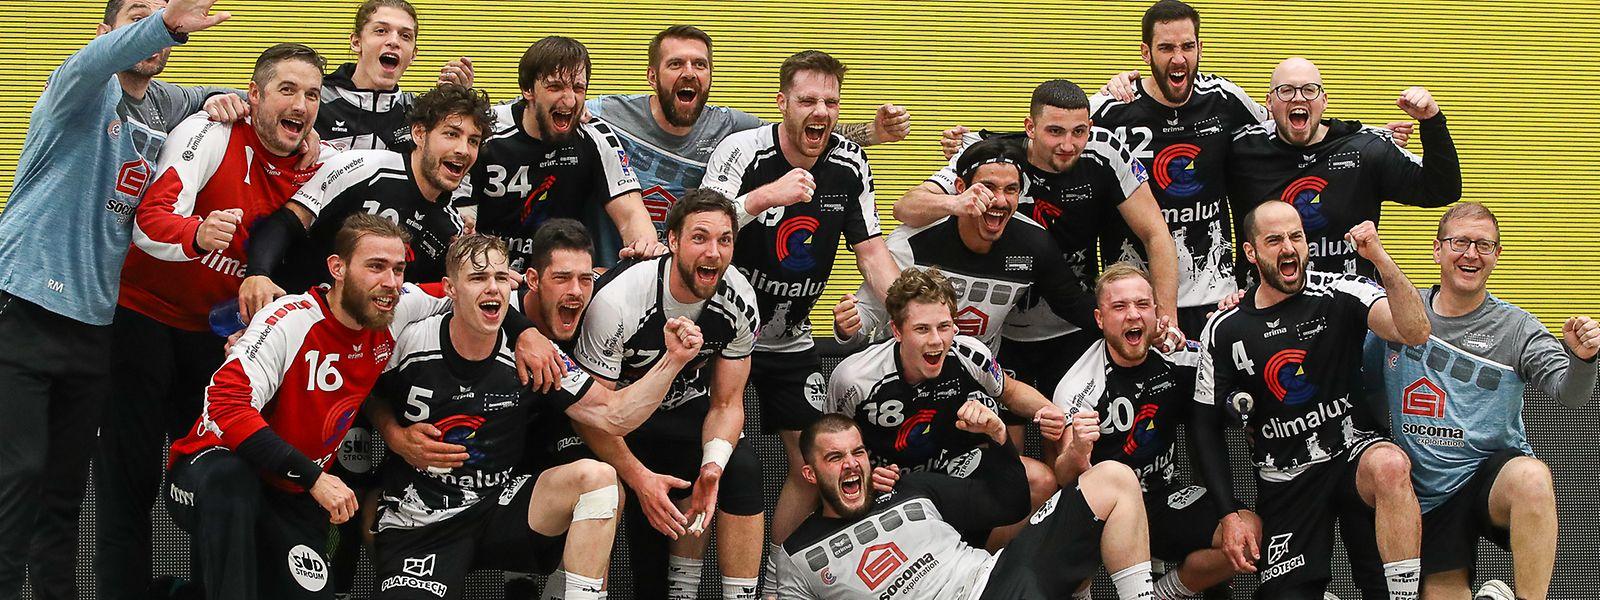 Die Spieler des HB Esch genießen den Gewinn der Meisterschaft.